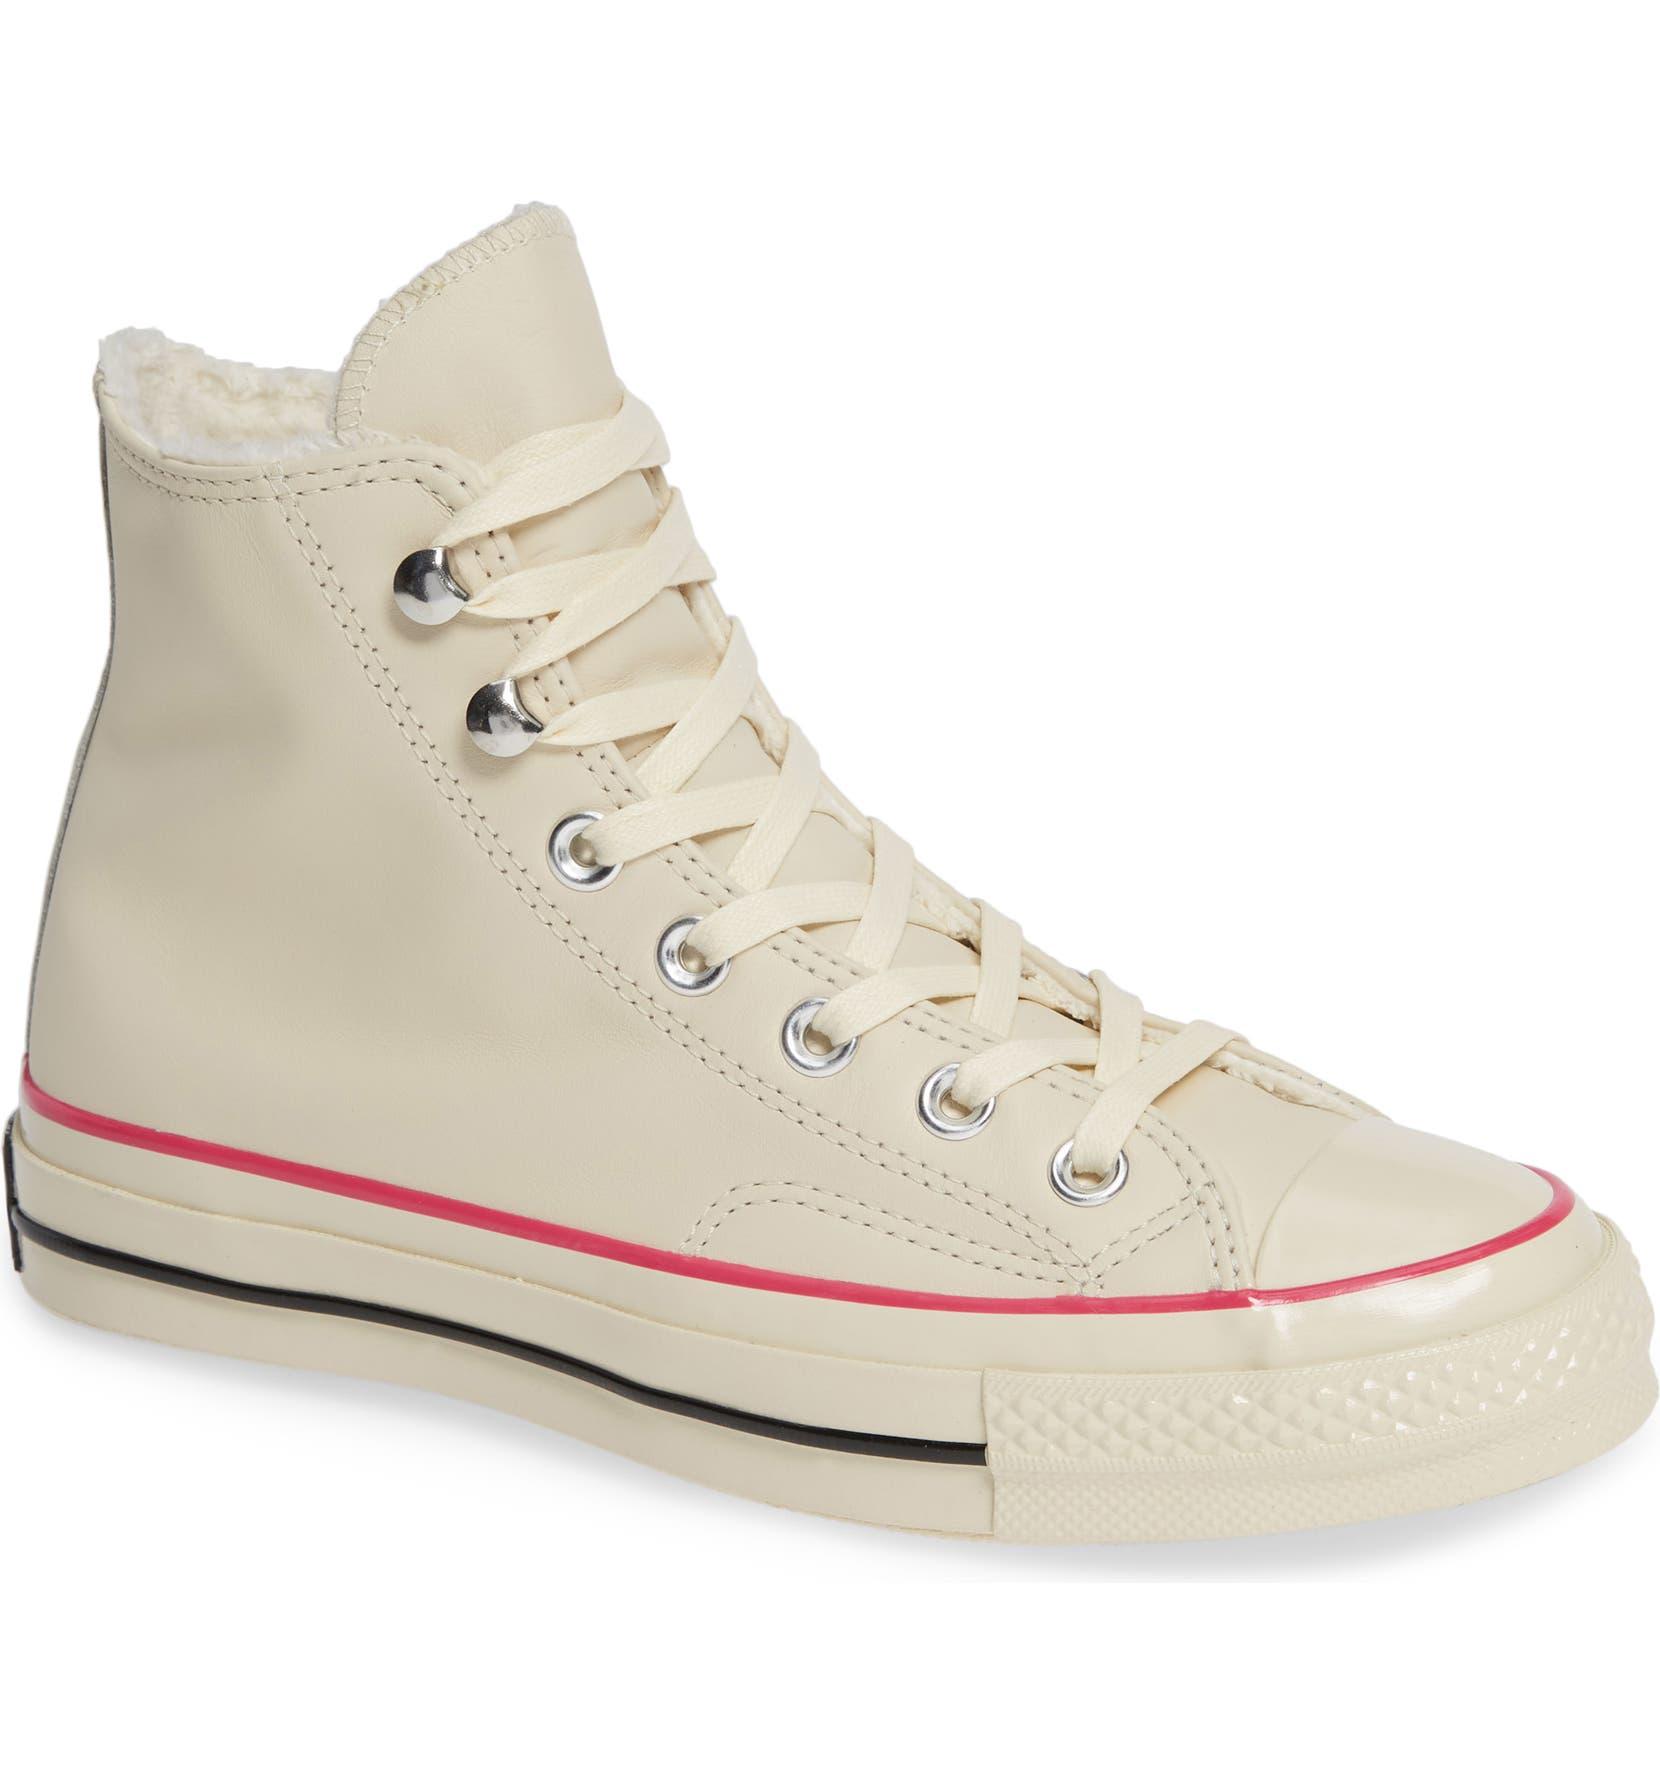 583ab437d3b6 Converse Chuck Taylor® All Star® CT 70 Street Warmer High Top Sneaker (Women)